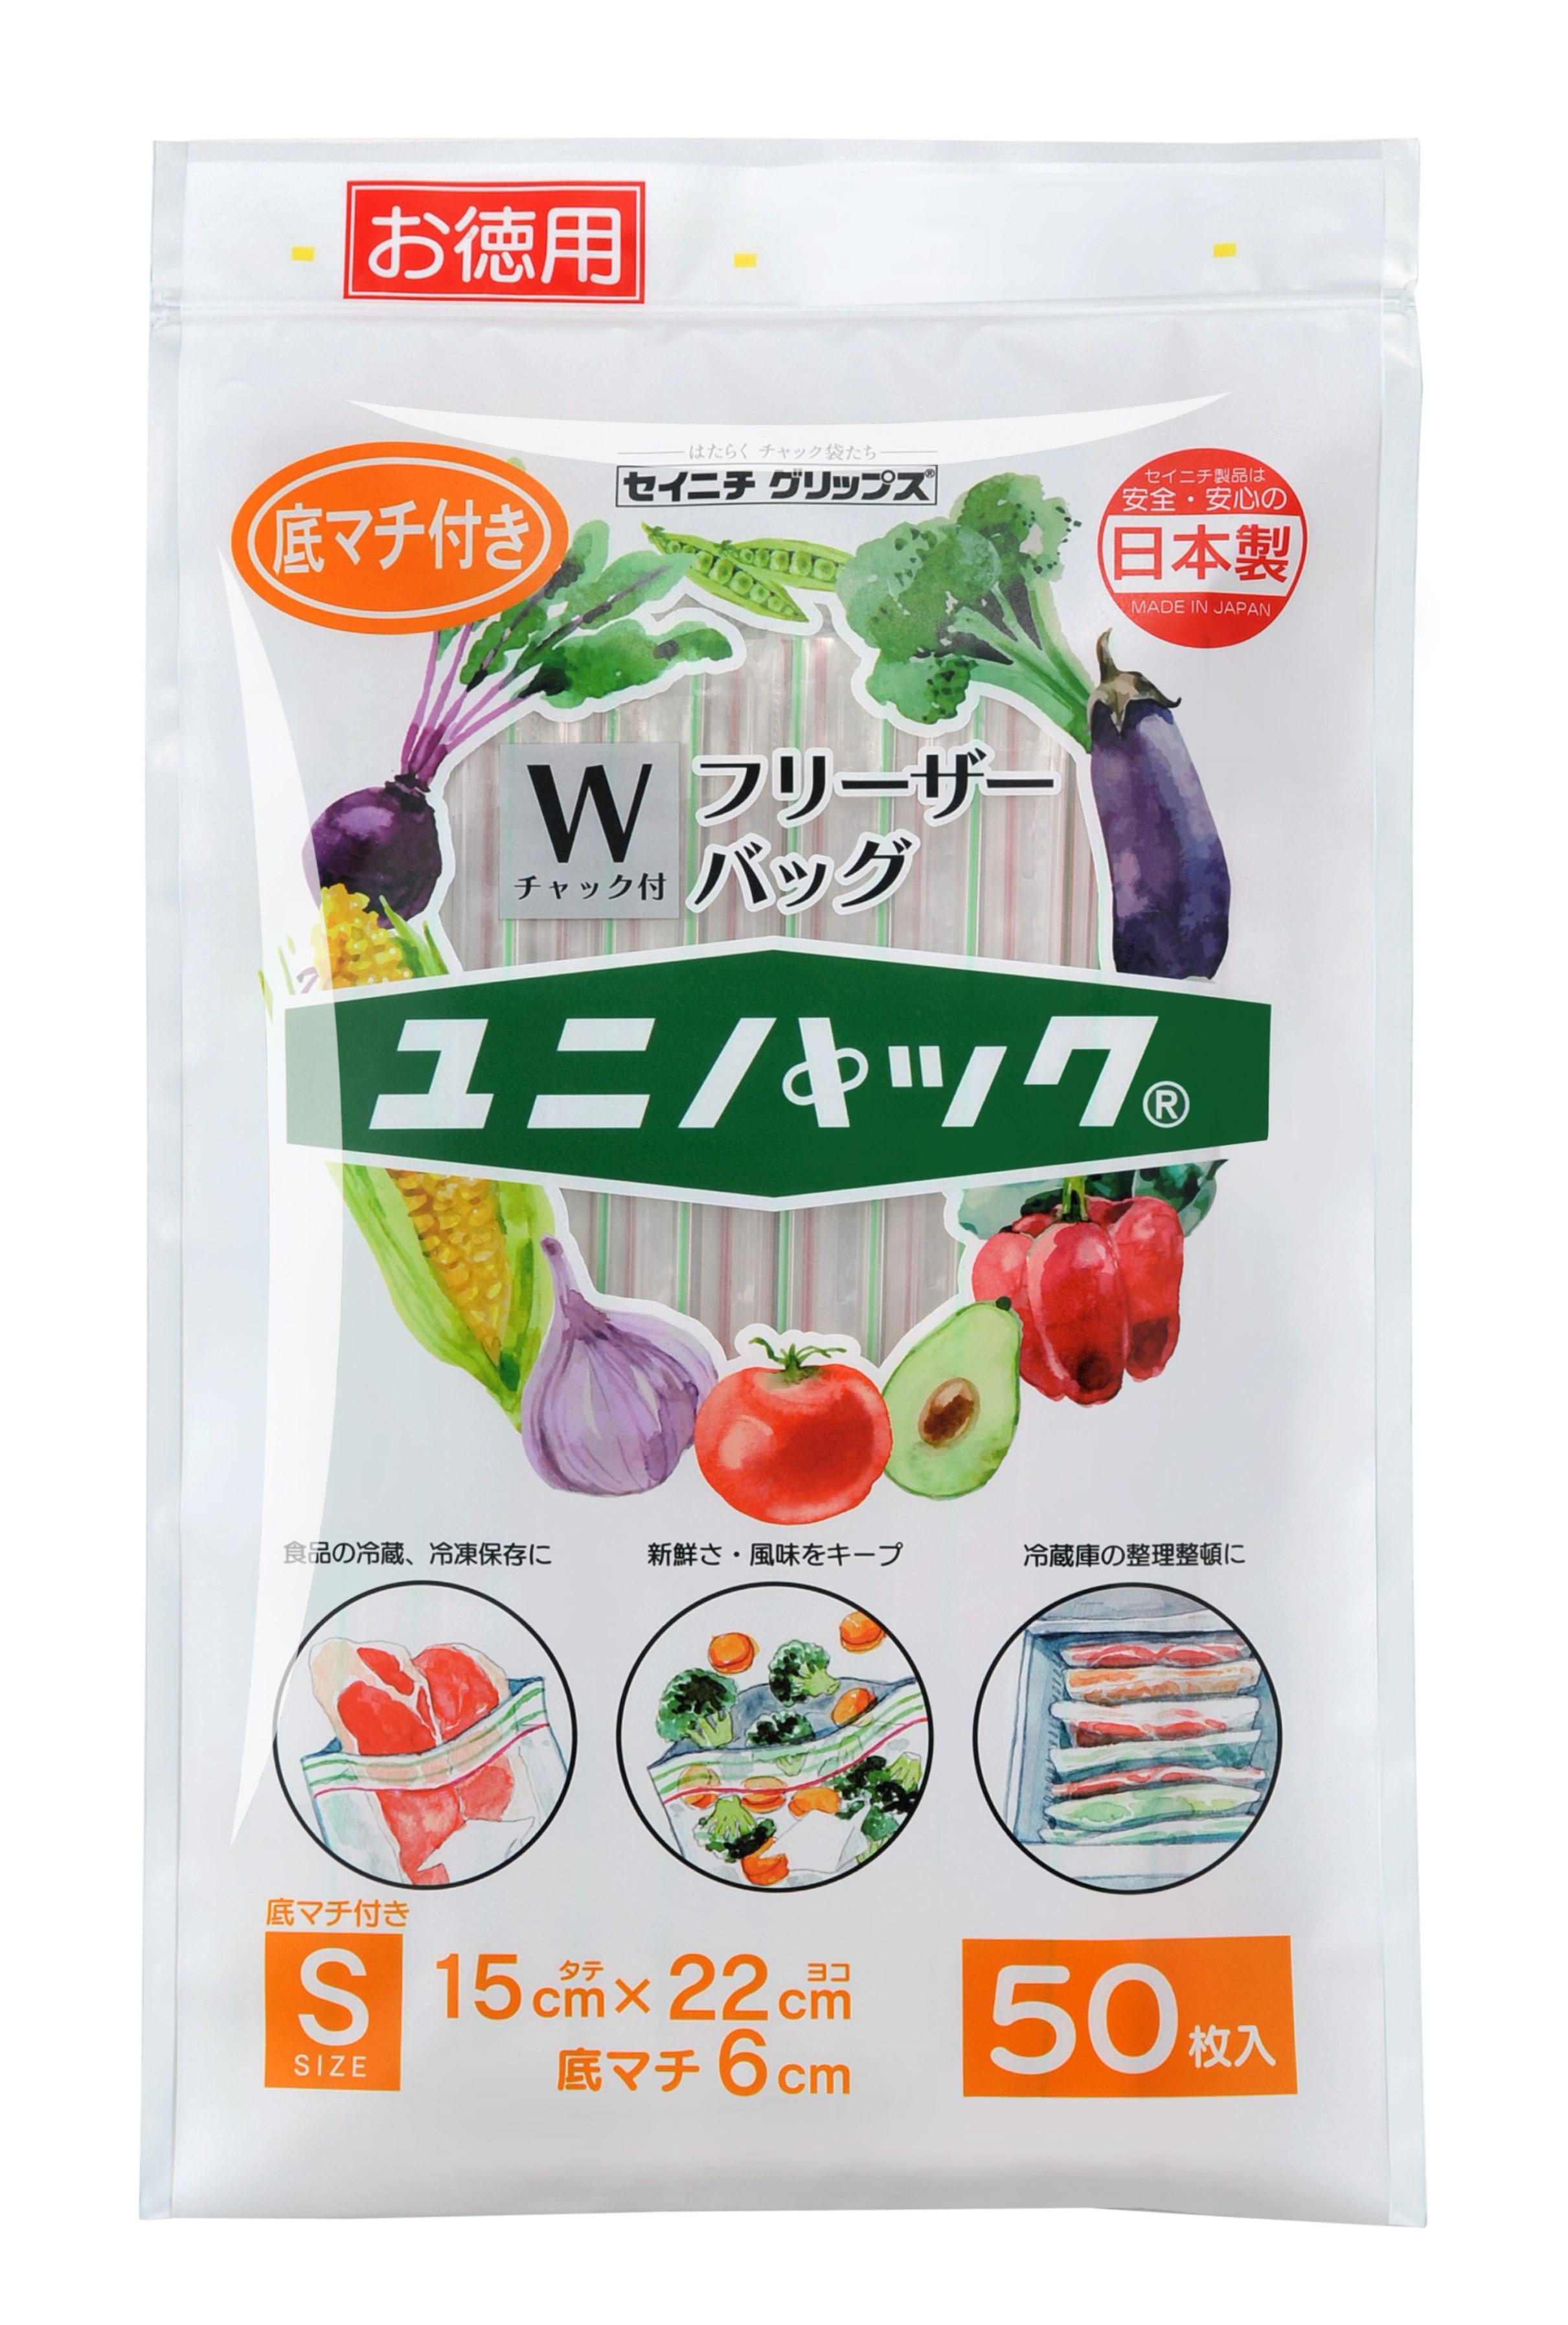 日本製フリーザーバッグ 安心 市販 安全 の袋で食材をおいしく保存 マート フリーザーバッグ S底 チャック付ポリ袋 マチ付 お徳用50枚入 保存袋 日本製